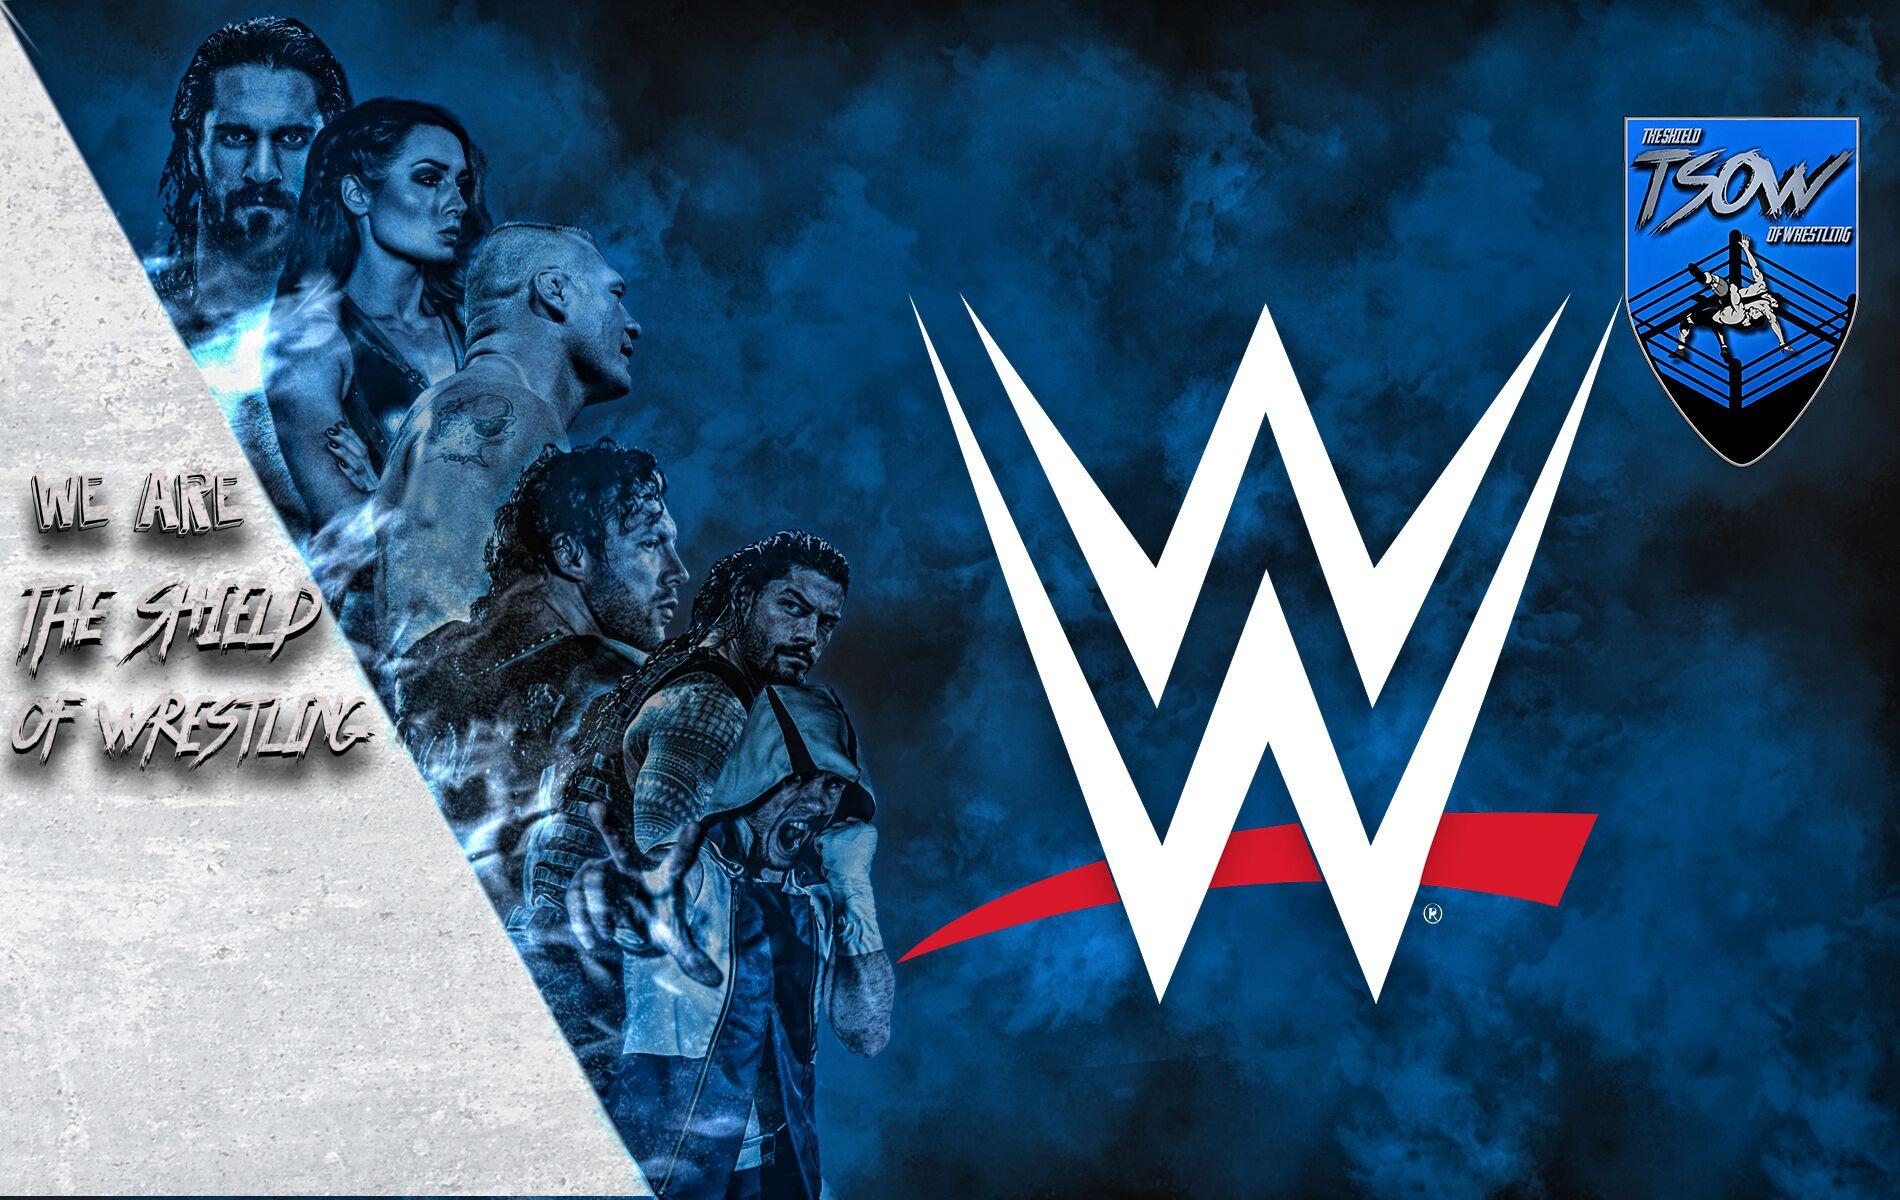 La WWE si sta preparando al Draft, grandi cambiamenti in vista? - Draft